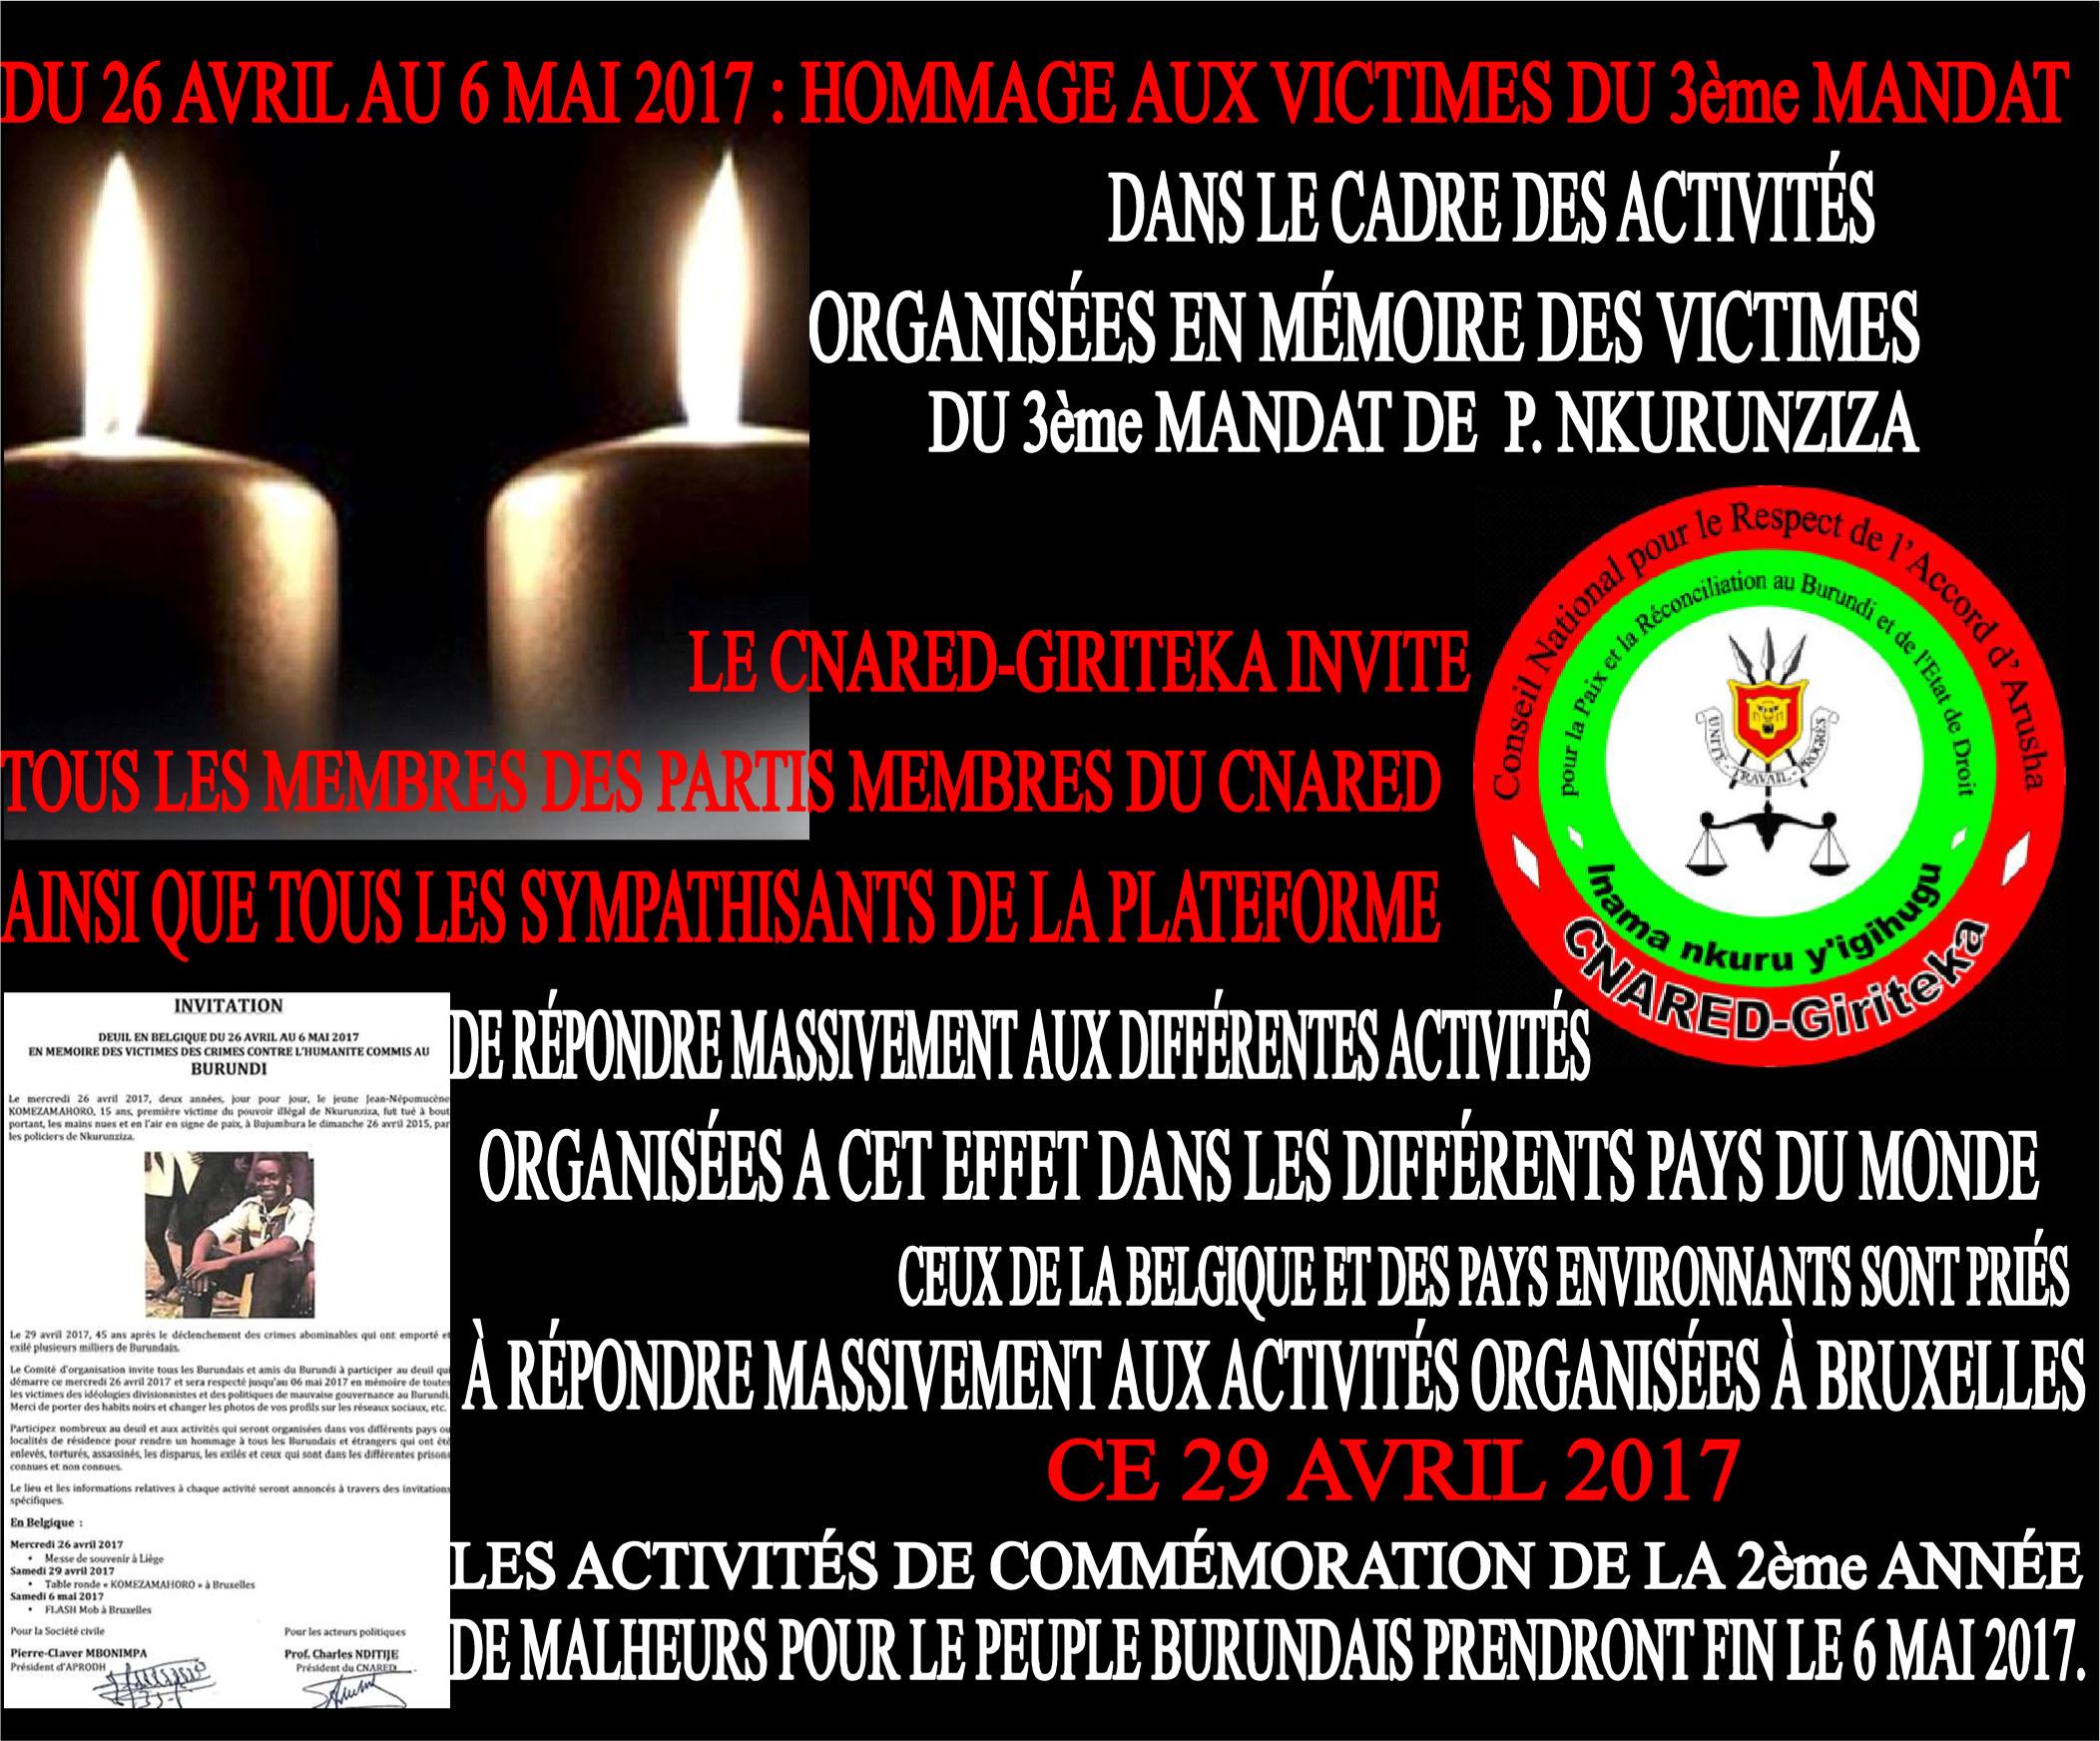 COMMÉMORATION DU 2e ANNIVERSAIRE DU CALVAIRE DU PEUPLE BURUNDAIS: APPEL A LA PARTICIPATION AUX ACTIVITÉS…